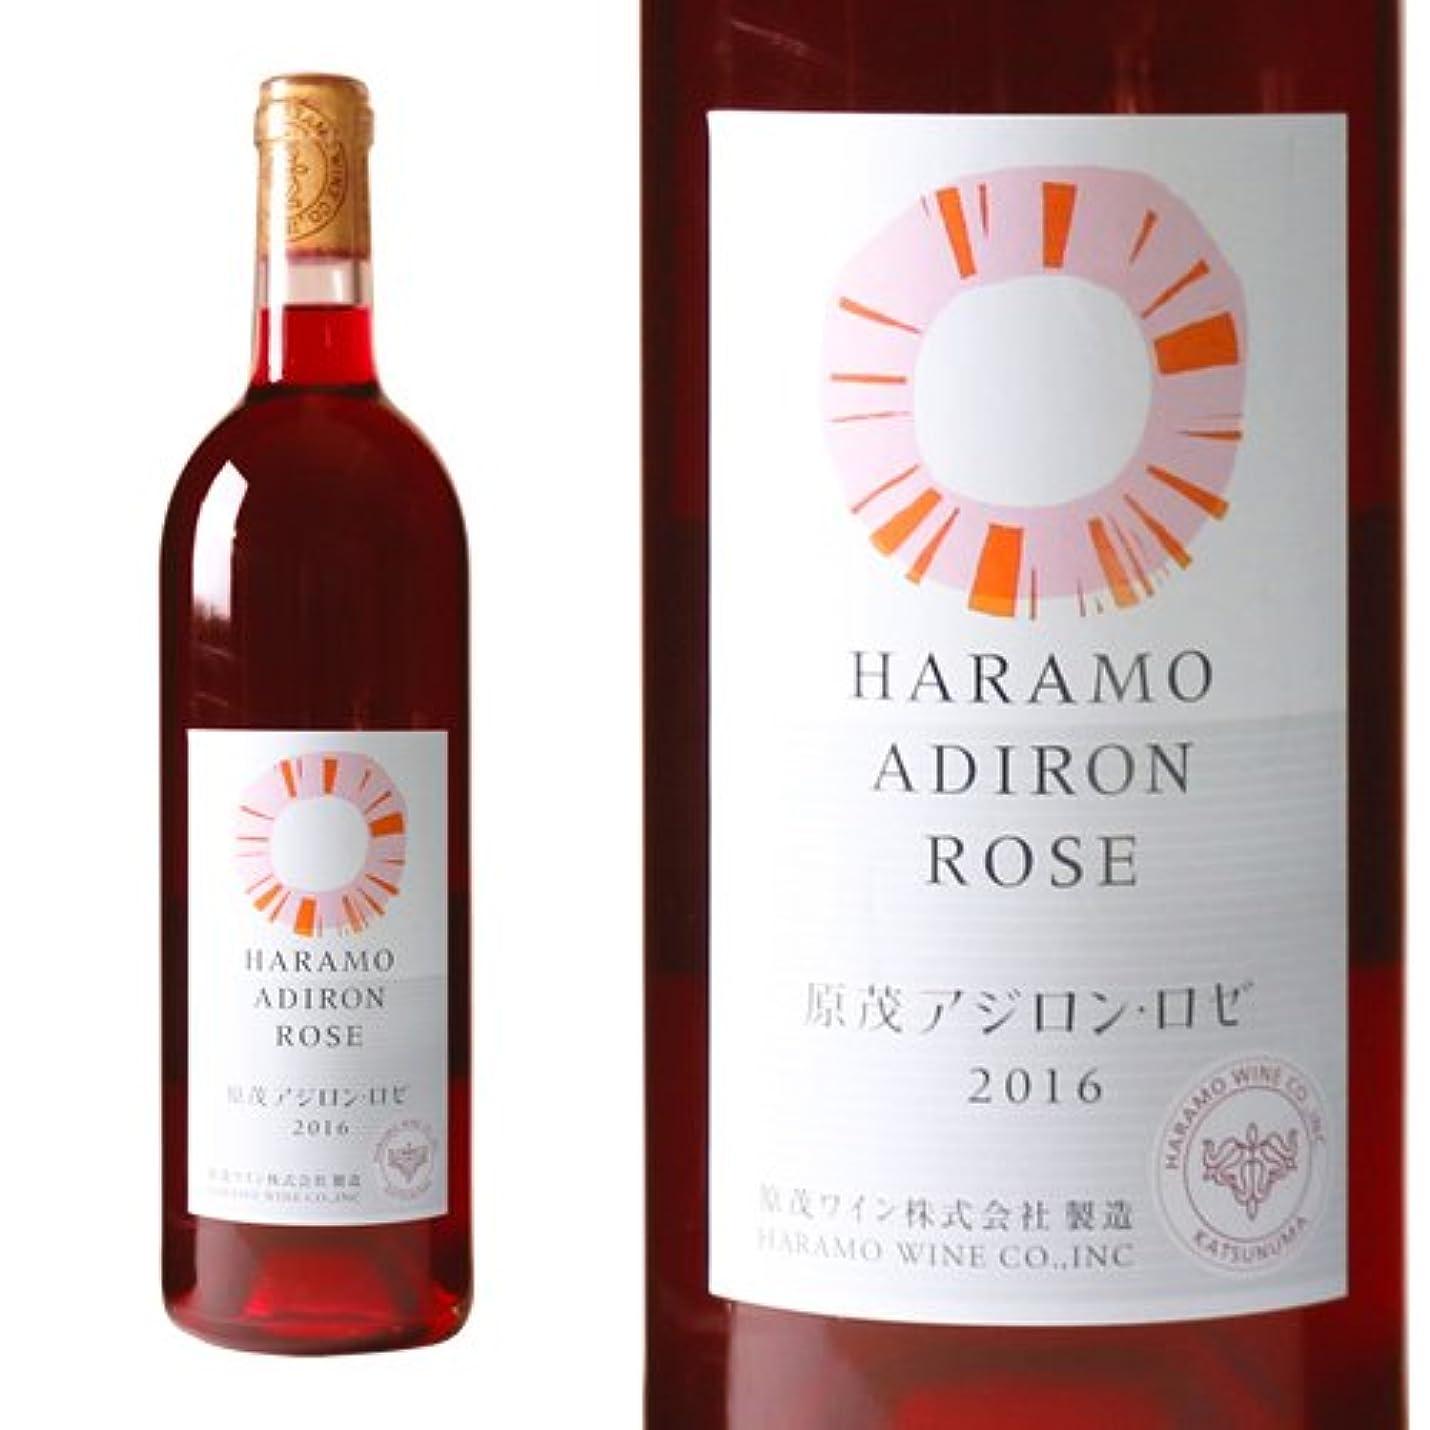 フィットネスその間正確山梨ワイン ロゼ 甘口 アジロンダック 原茂ワイン ハラモアジロンロゼ